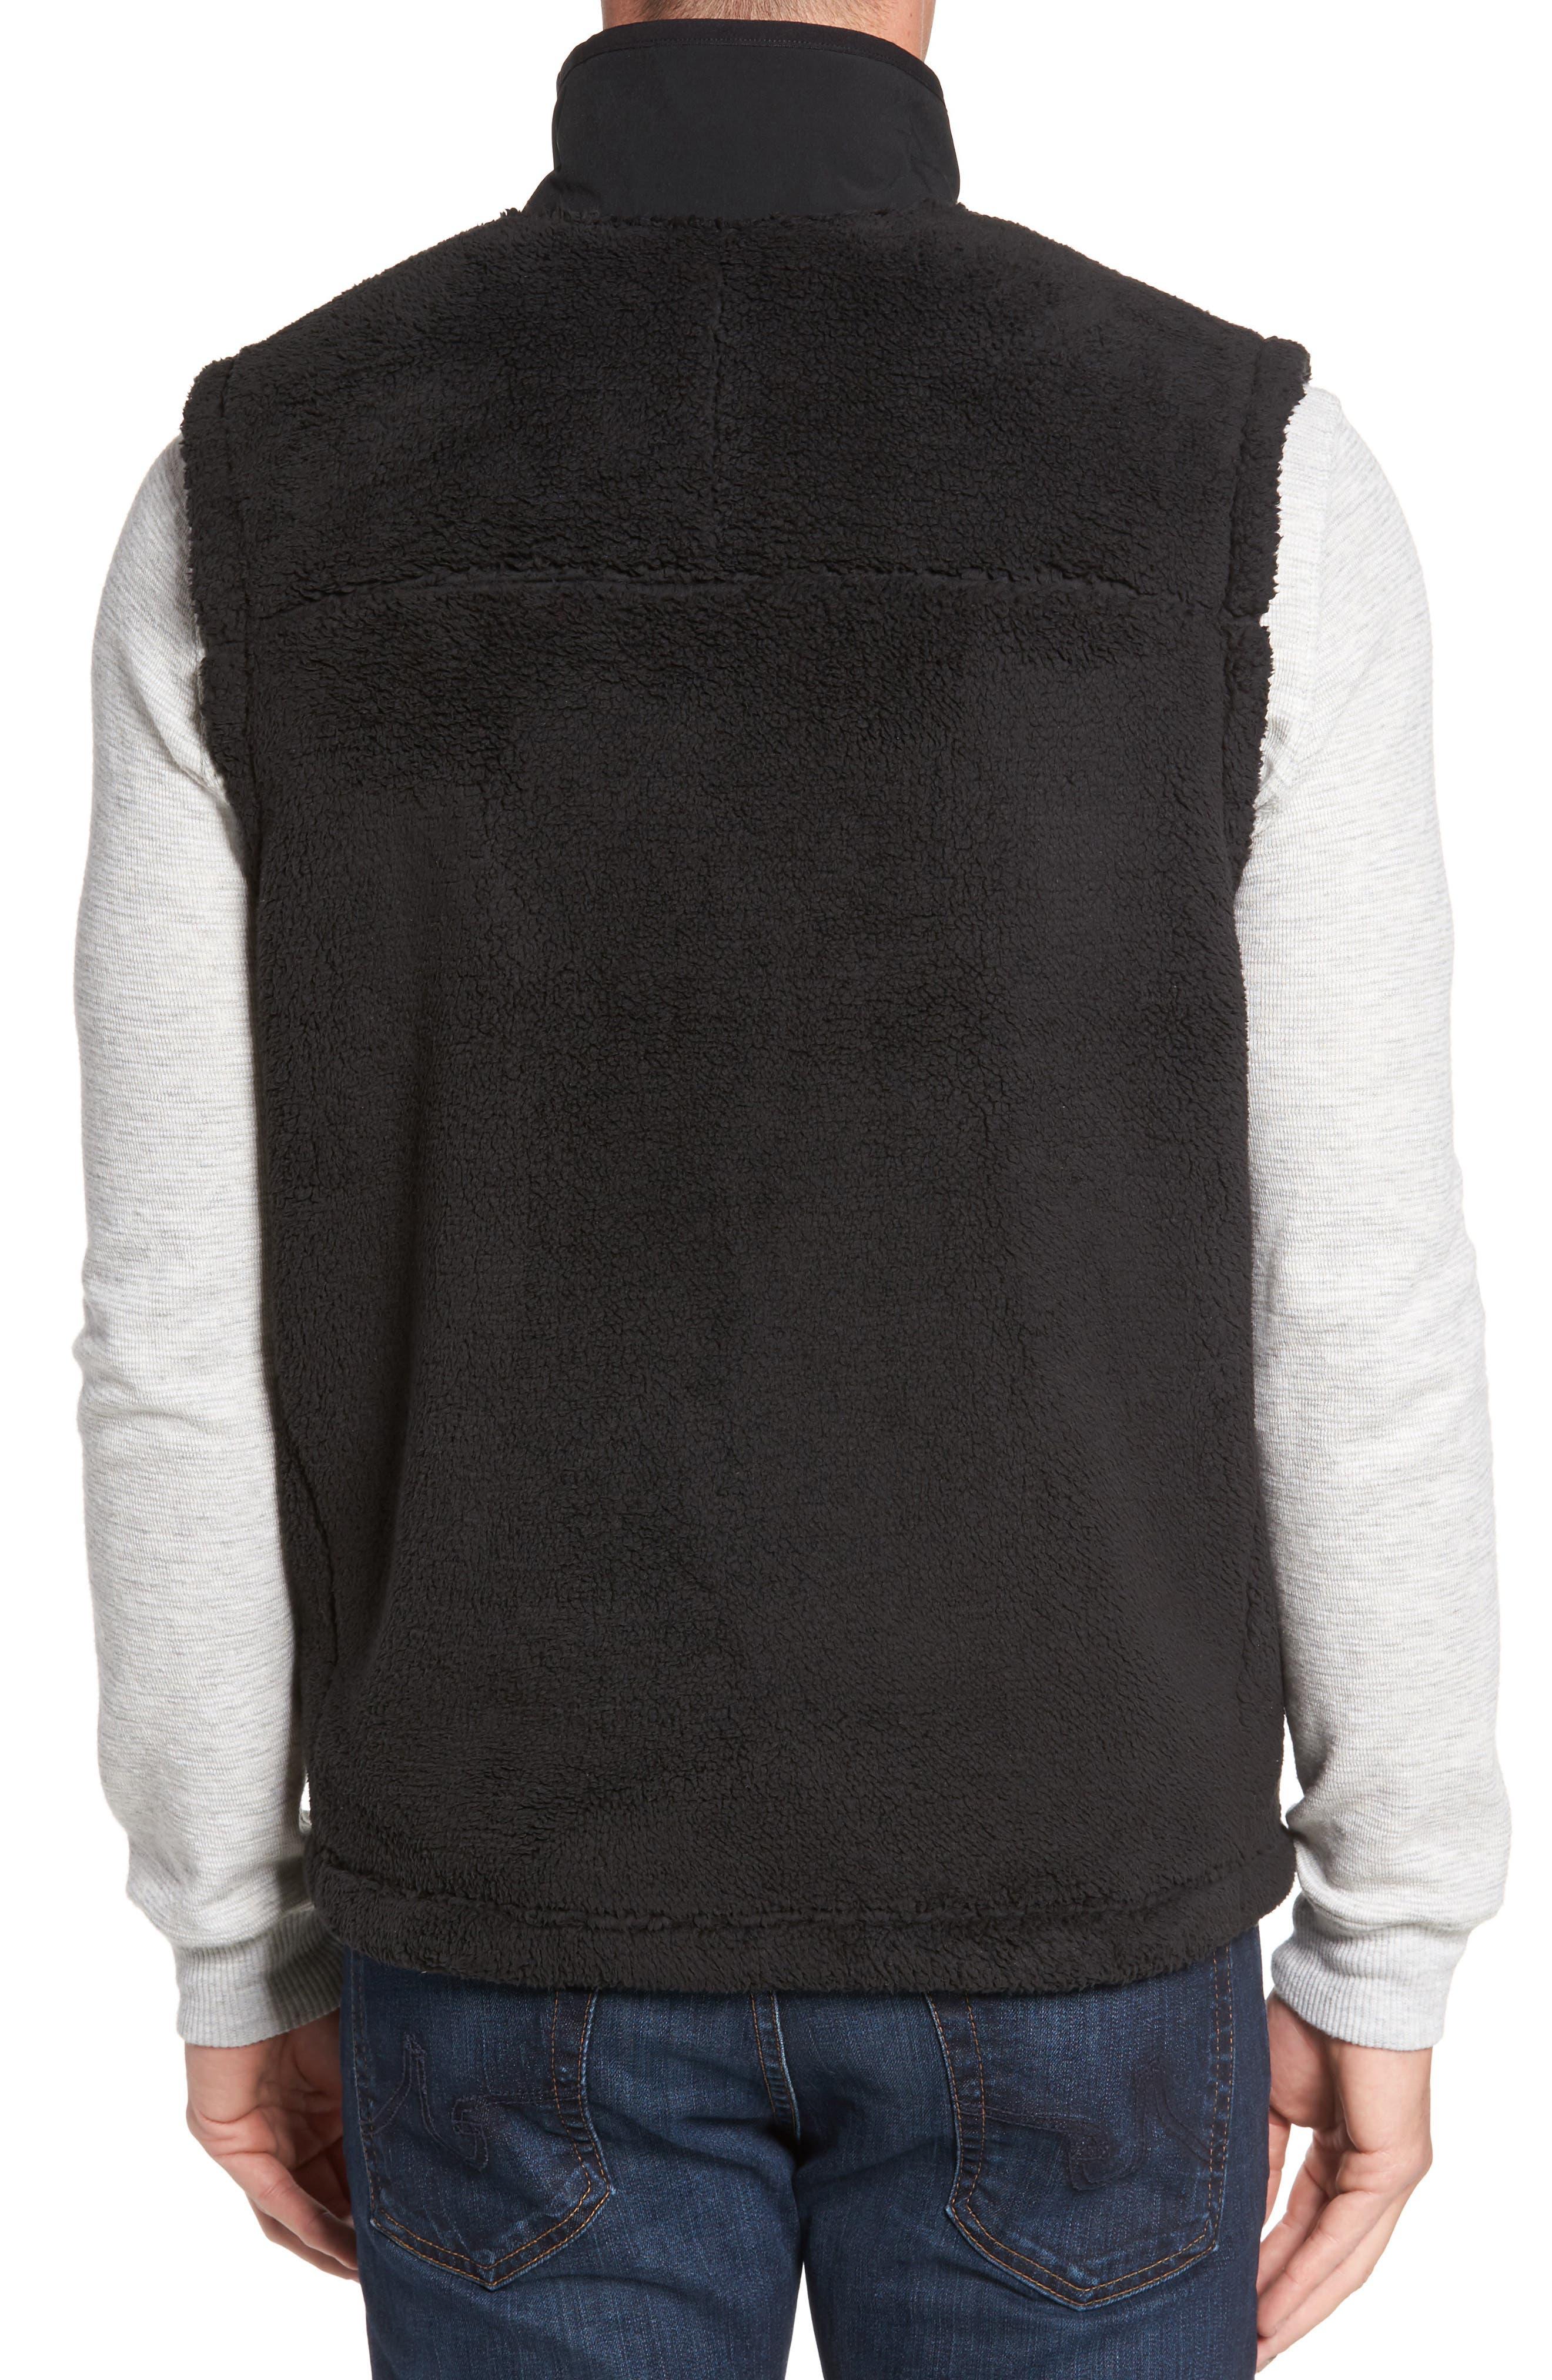 Campshire Fleece Vest,                             Alternate thumbnail 2, color,                             Black